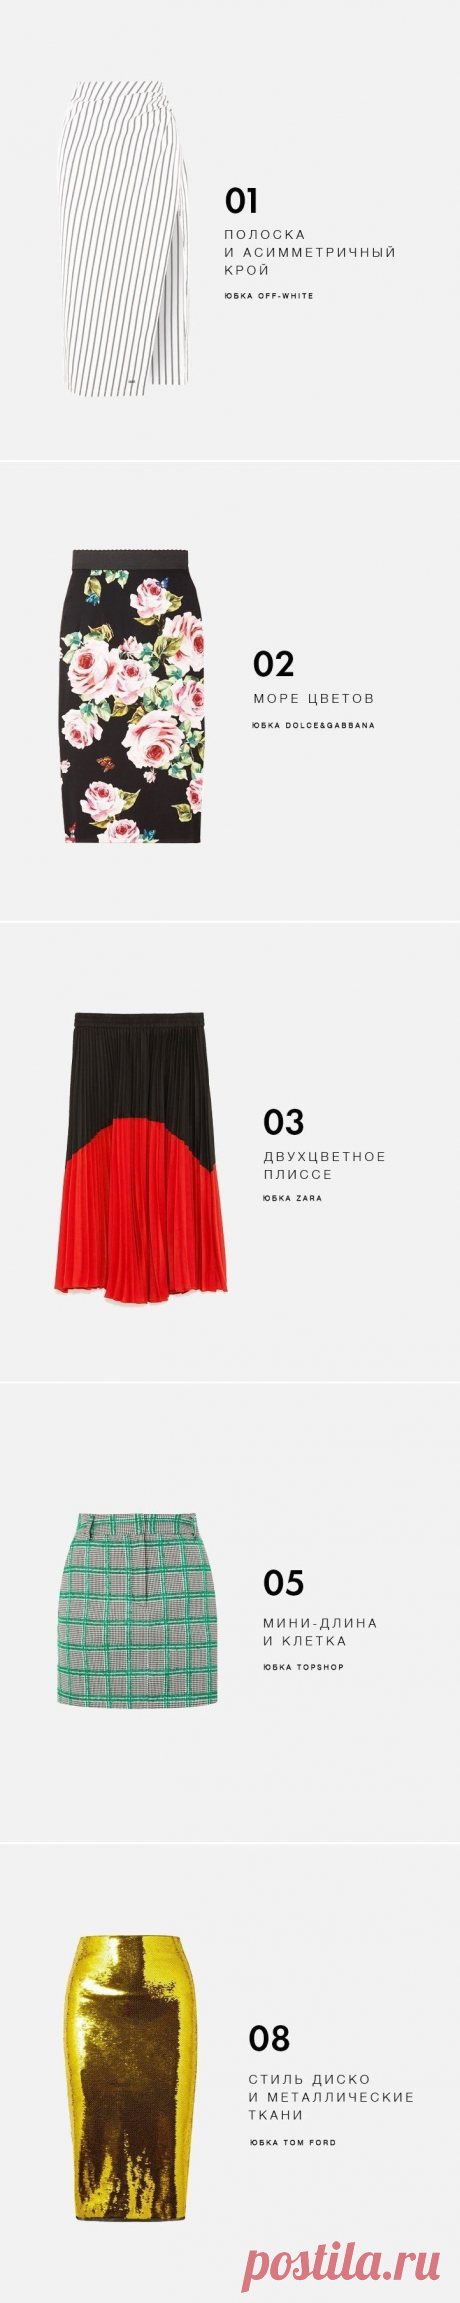 От мини до макси: какие юбки будем носить этой весной! — Модно / Nemodno